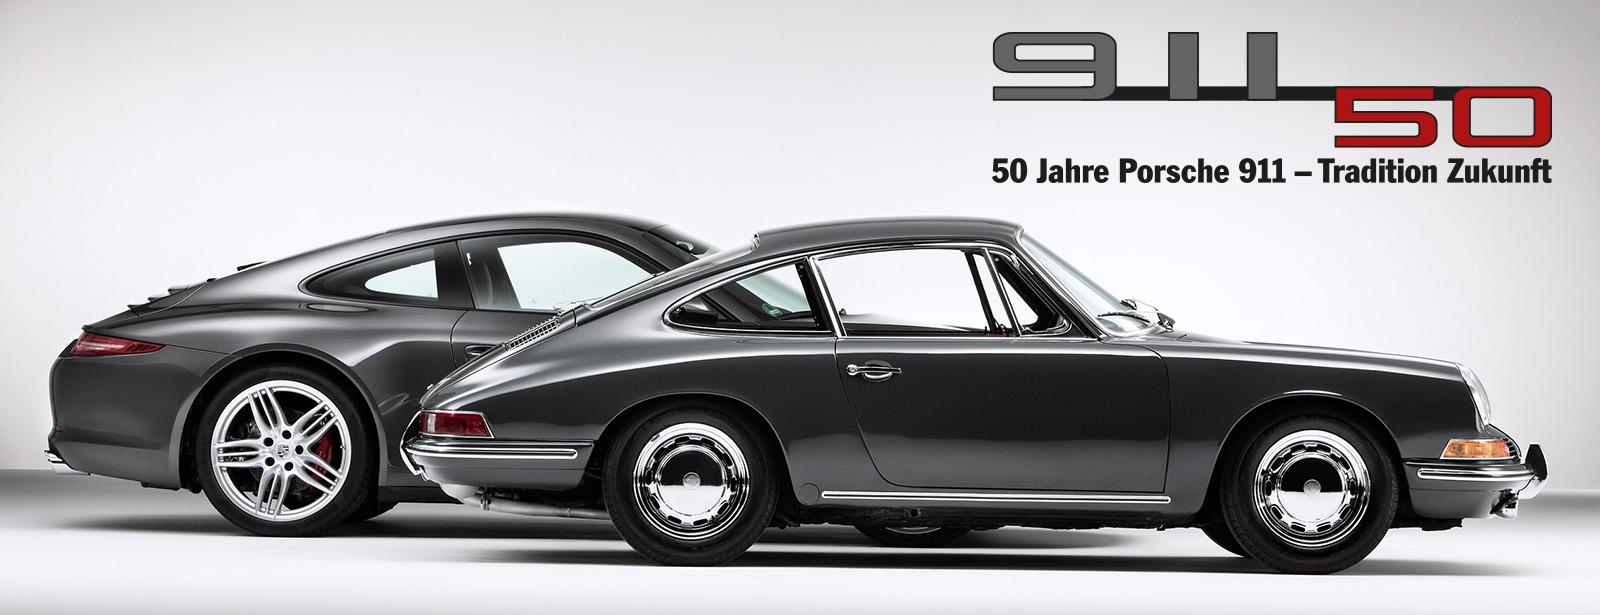 50 Jahre Porsche 911 Dr Ing H C F Porsche Ag Presse